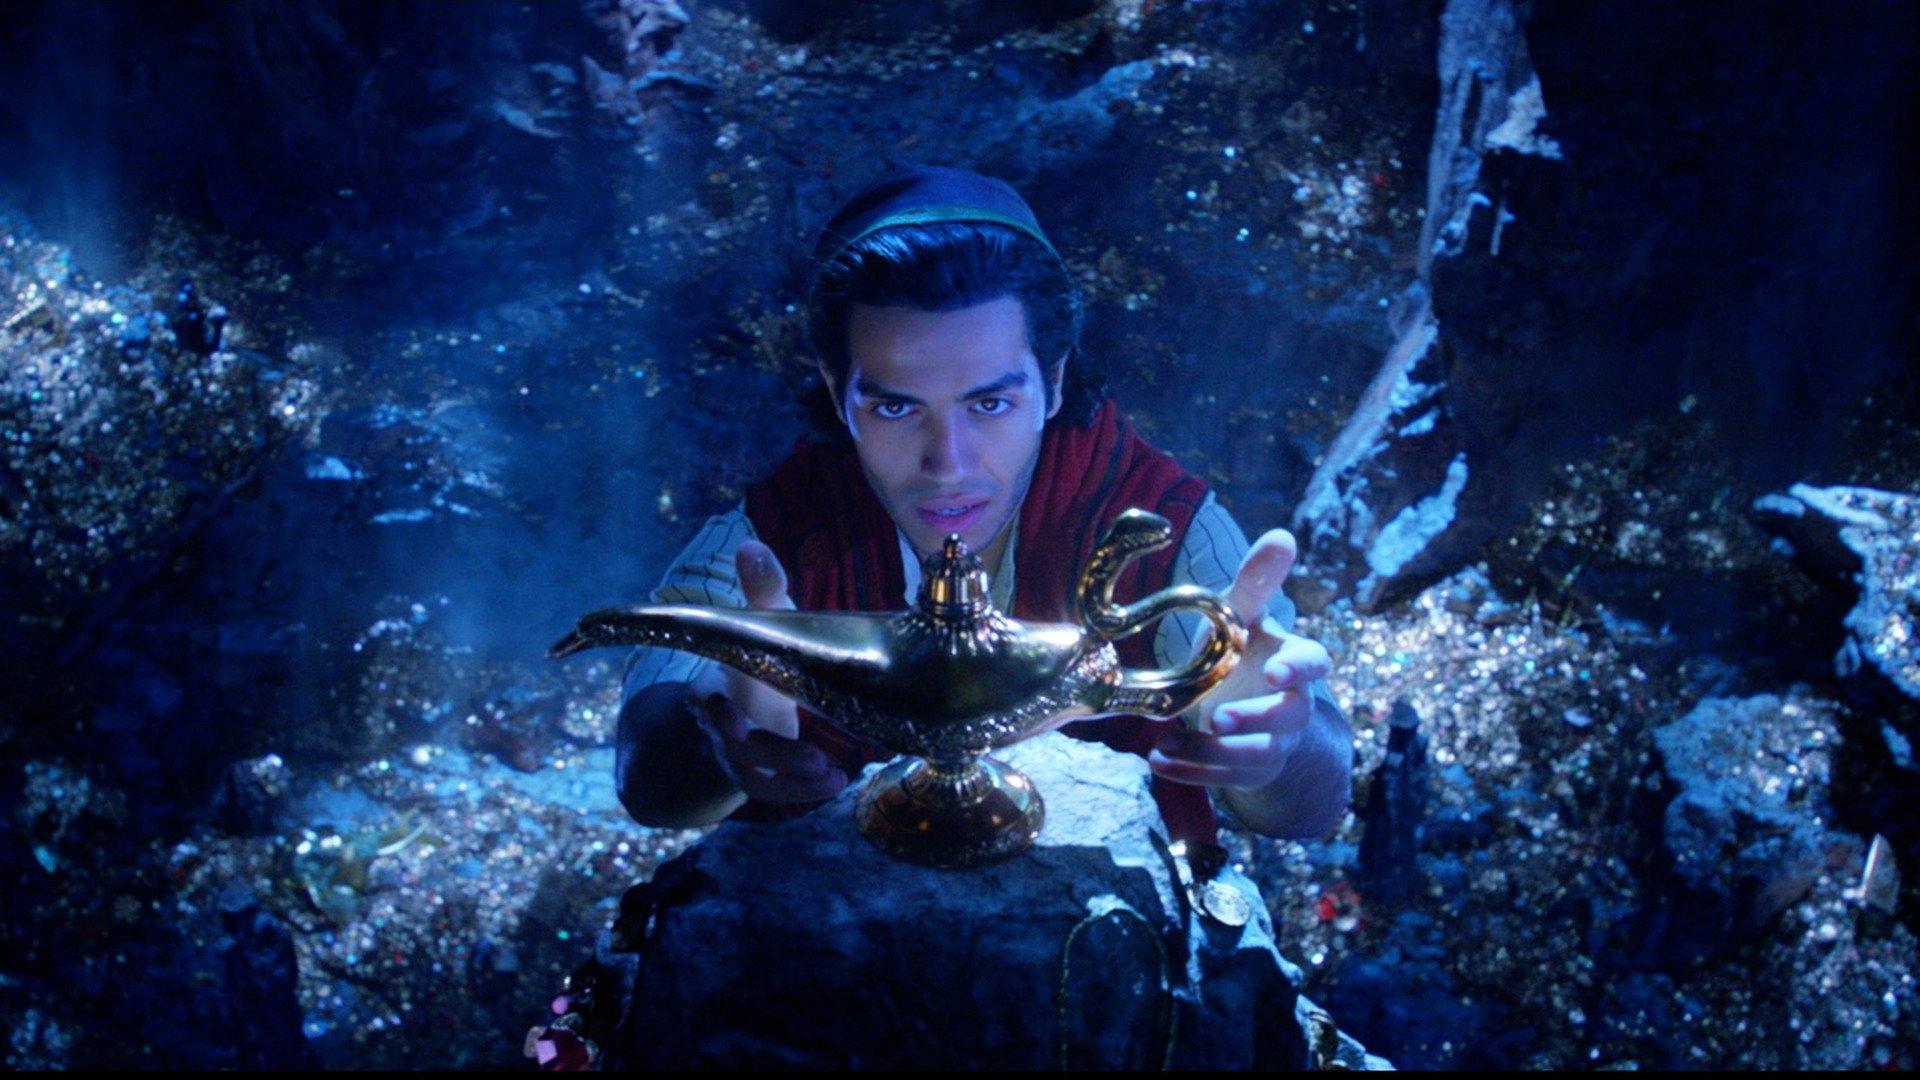 Aladdin Sky Com